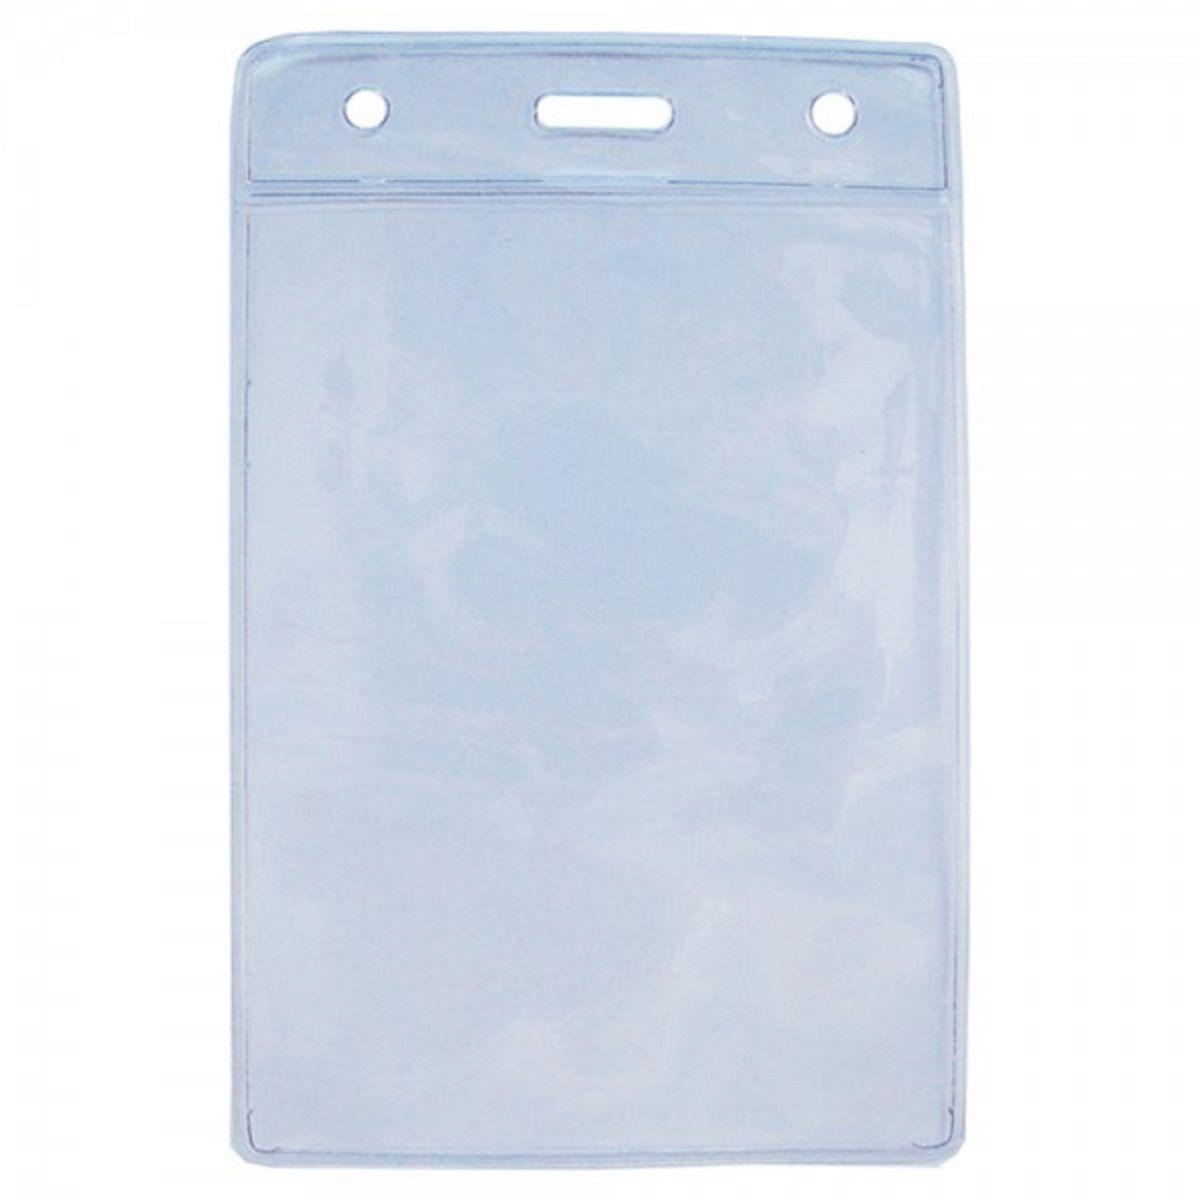 Protetor Porta Credencial em Bolsa PVC Cristal Vertical 100x150x0,20mm (10x15cm) - Pacote com 100 unidades  - Click Suprimentos